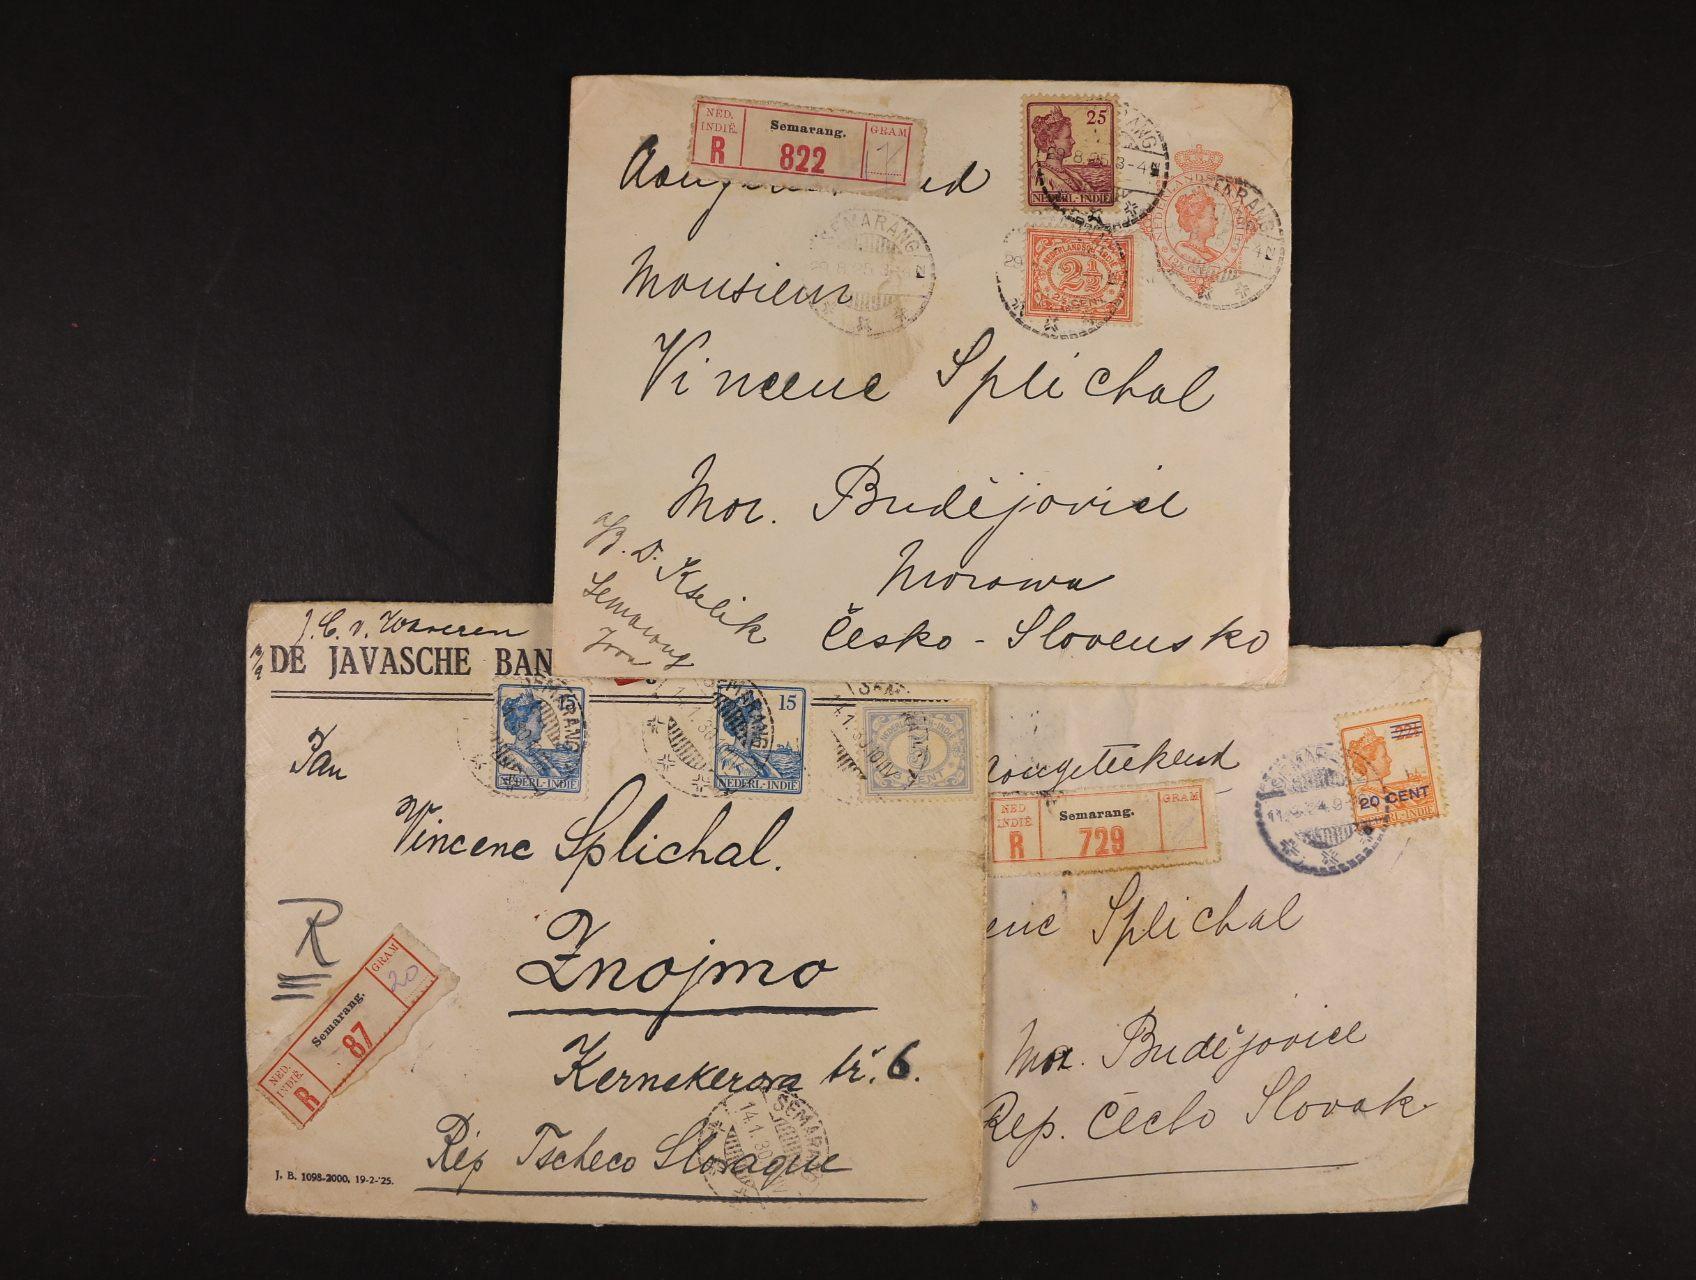 Holandská Indie - sestava 3 ks let. R-celistvostí do Evropy z let 1924 - 30, pestré zajímavé frankatuy